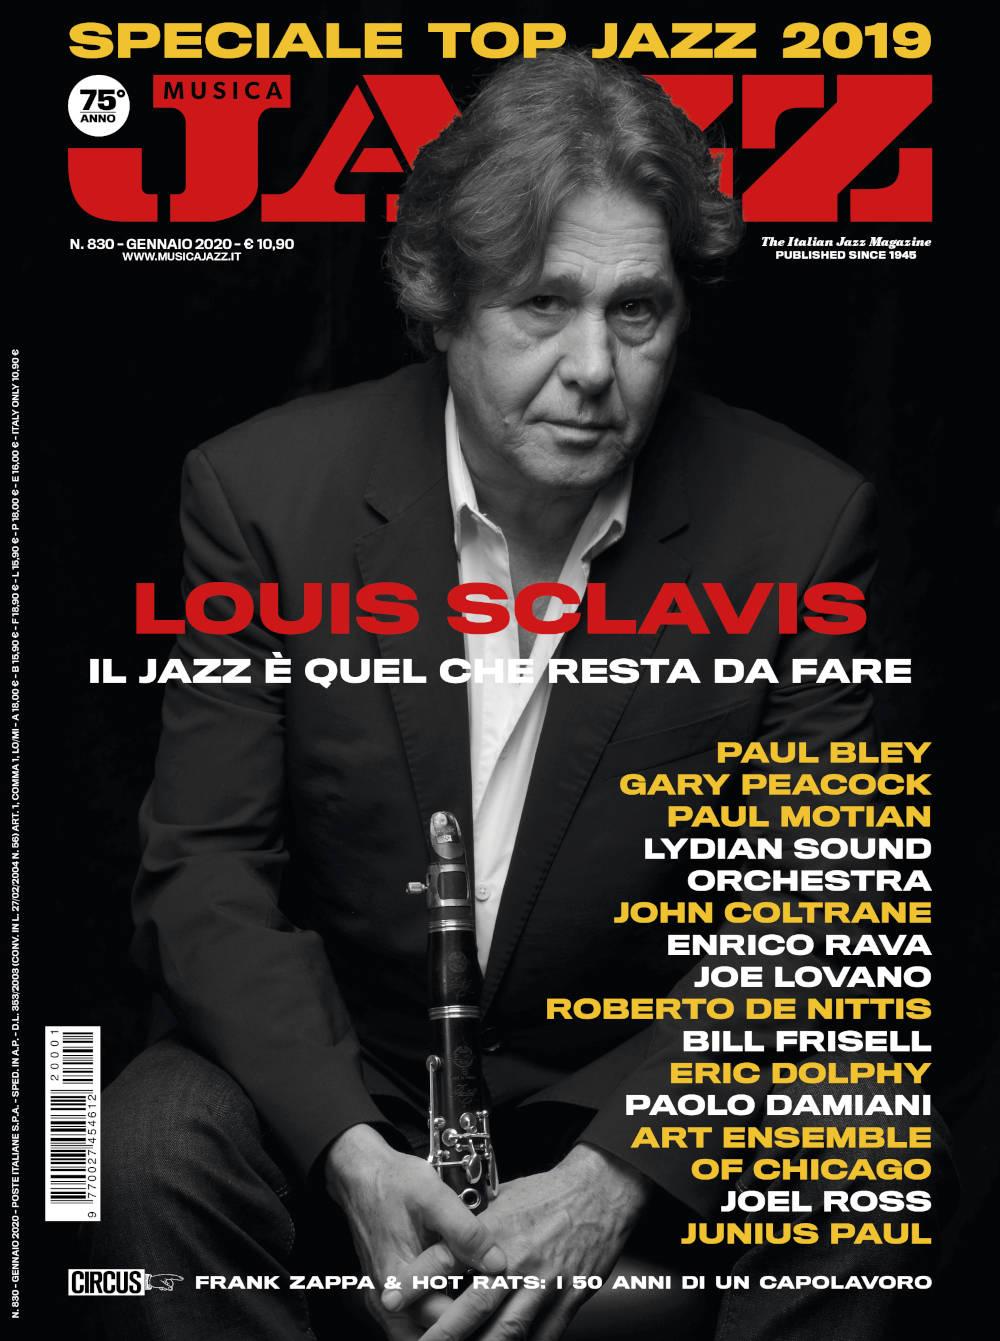 Letture musicali: Cosa stiamo leggendo in questo periodo? - Pagina 3 MJ012020-cover-Louis-Sclavis